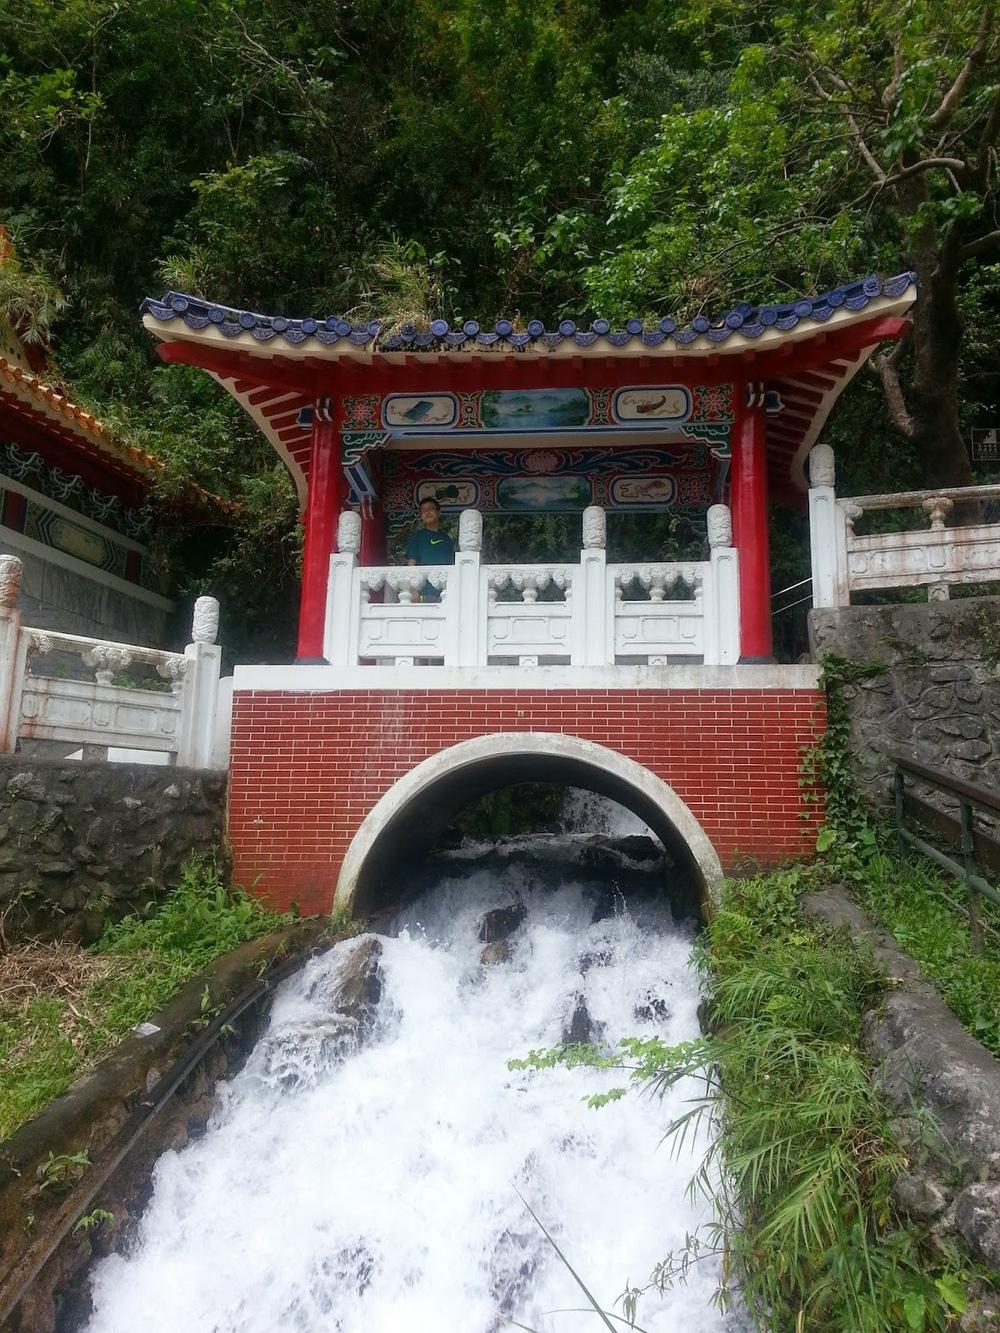 Taiwan%2BHualien%2BEternal%2BSpring%2BShrine%2BTaroko%2BGorge.jpg